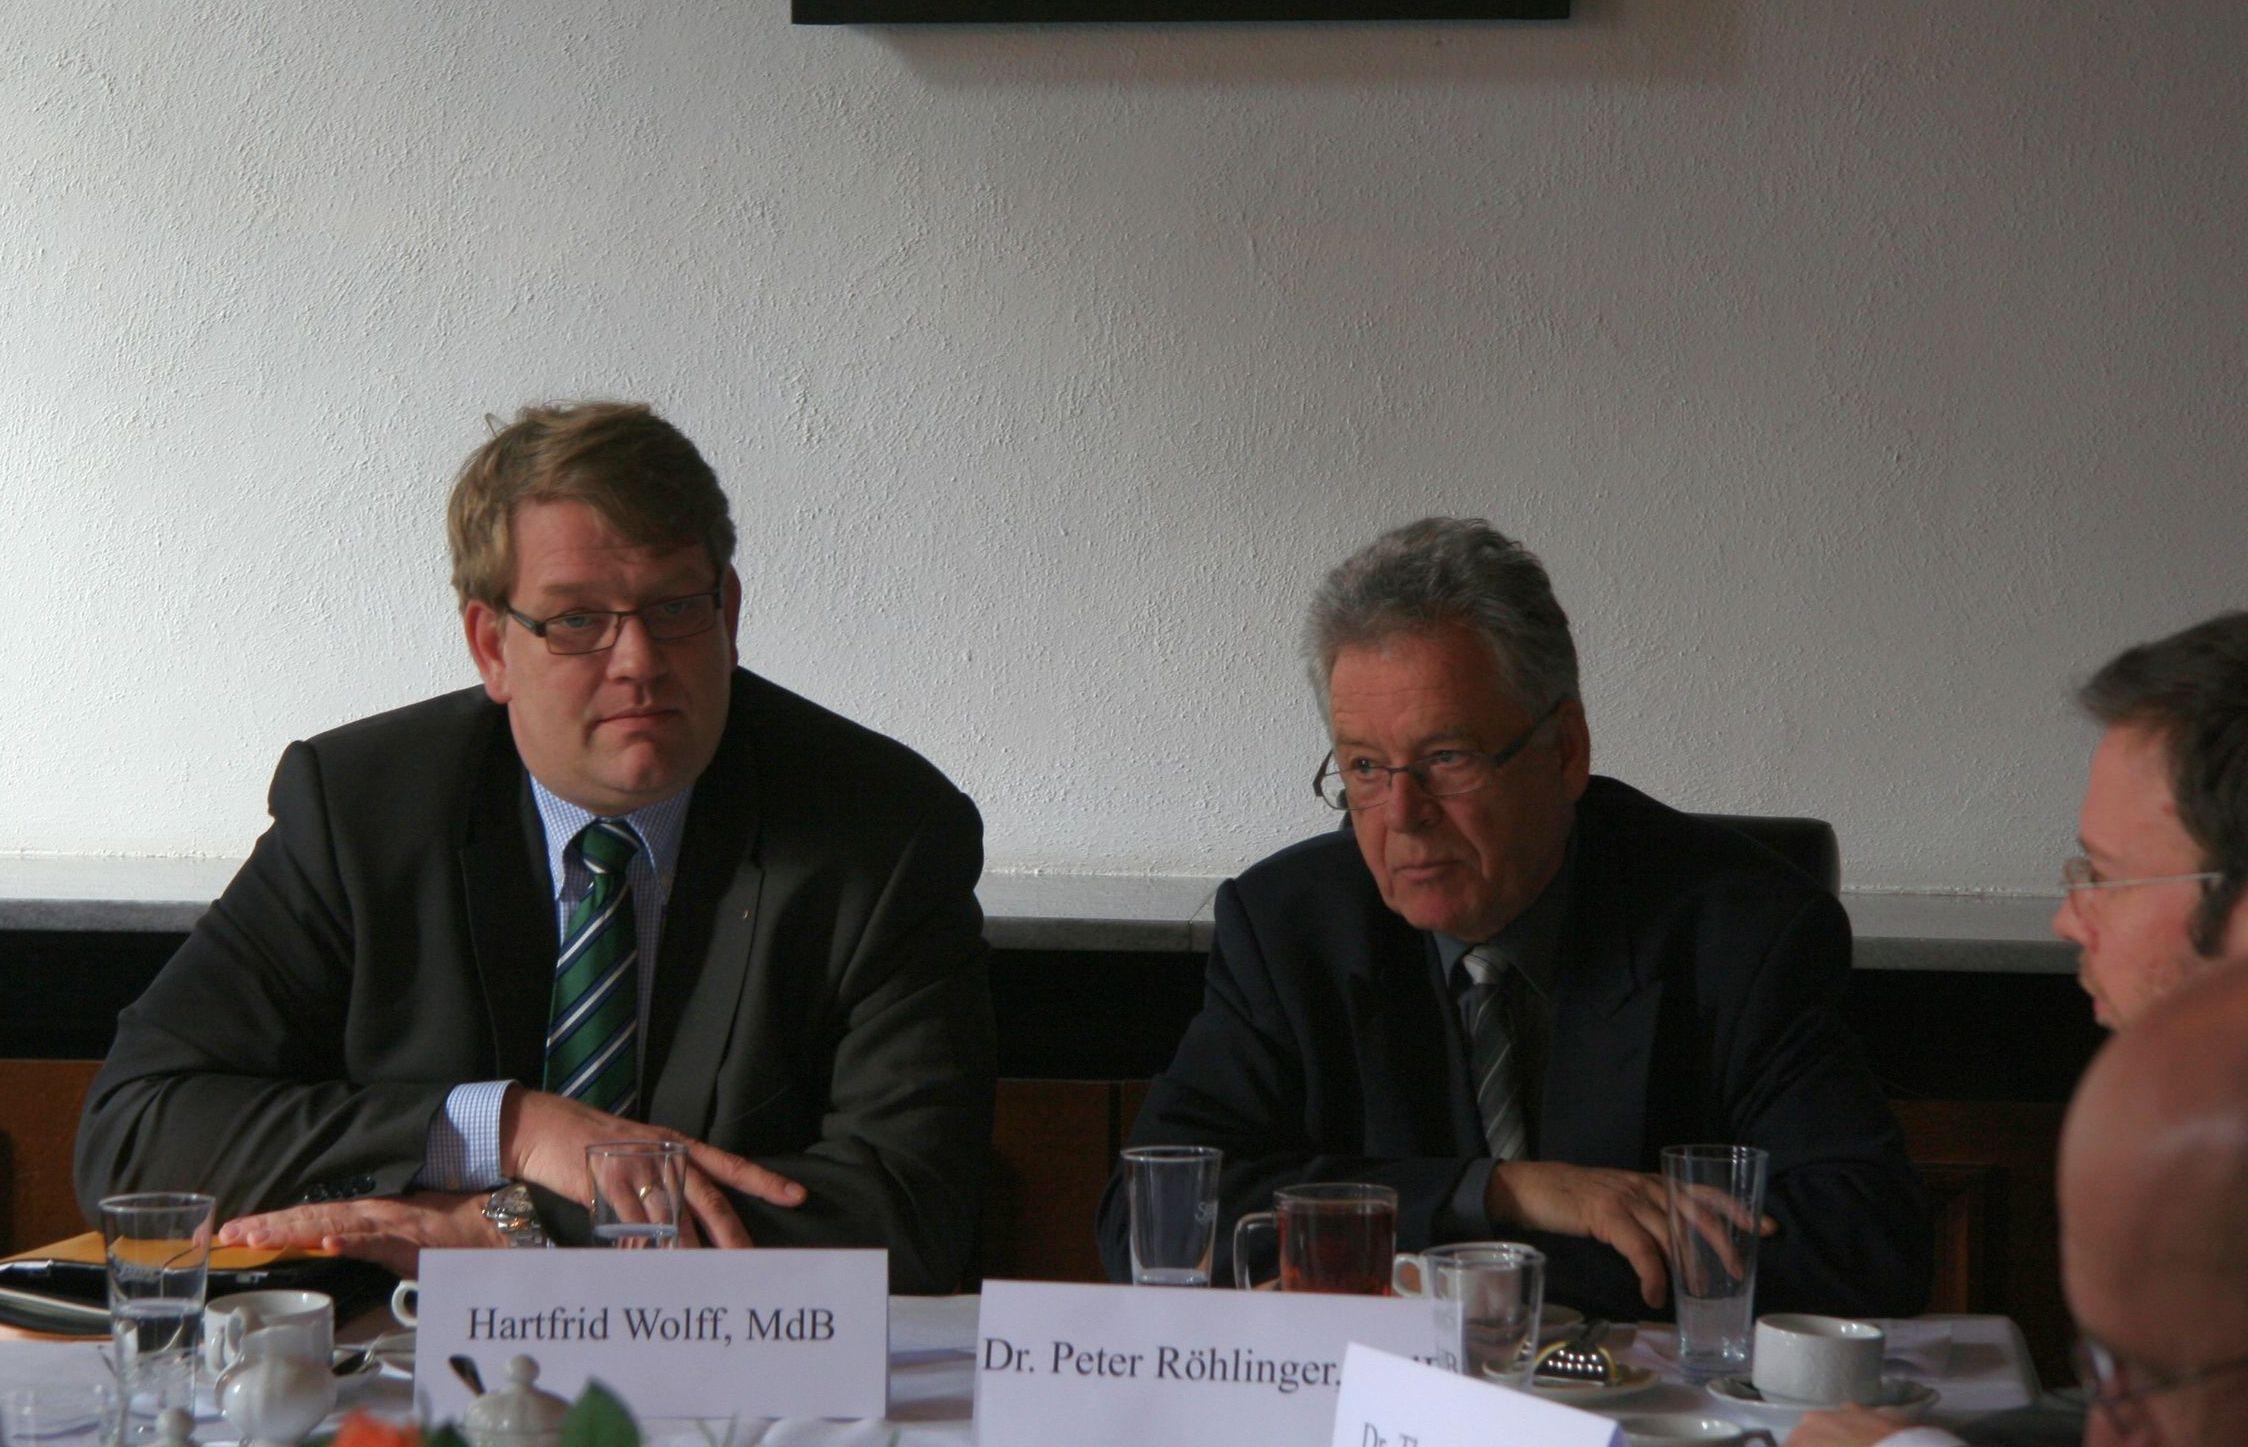 Hartfrid Wolff, MdB und Peter Röhlinger, MdB